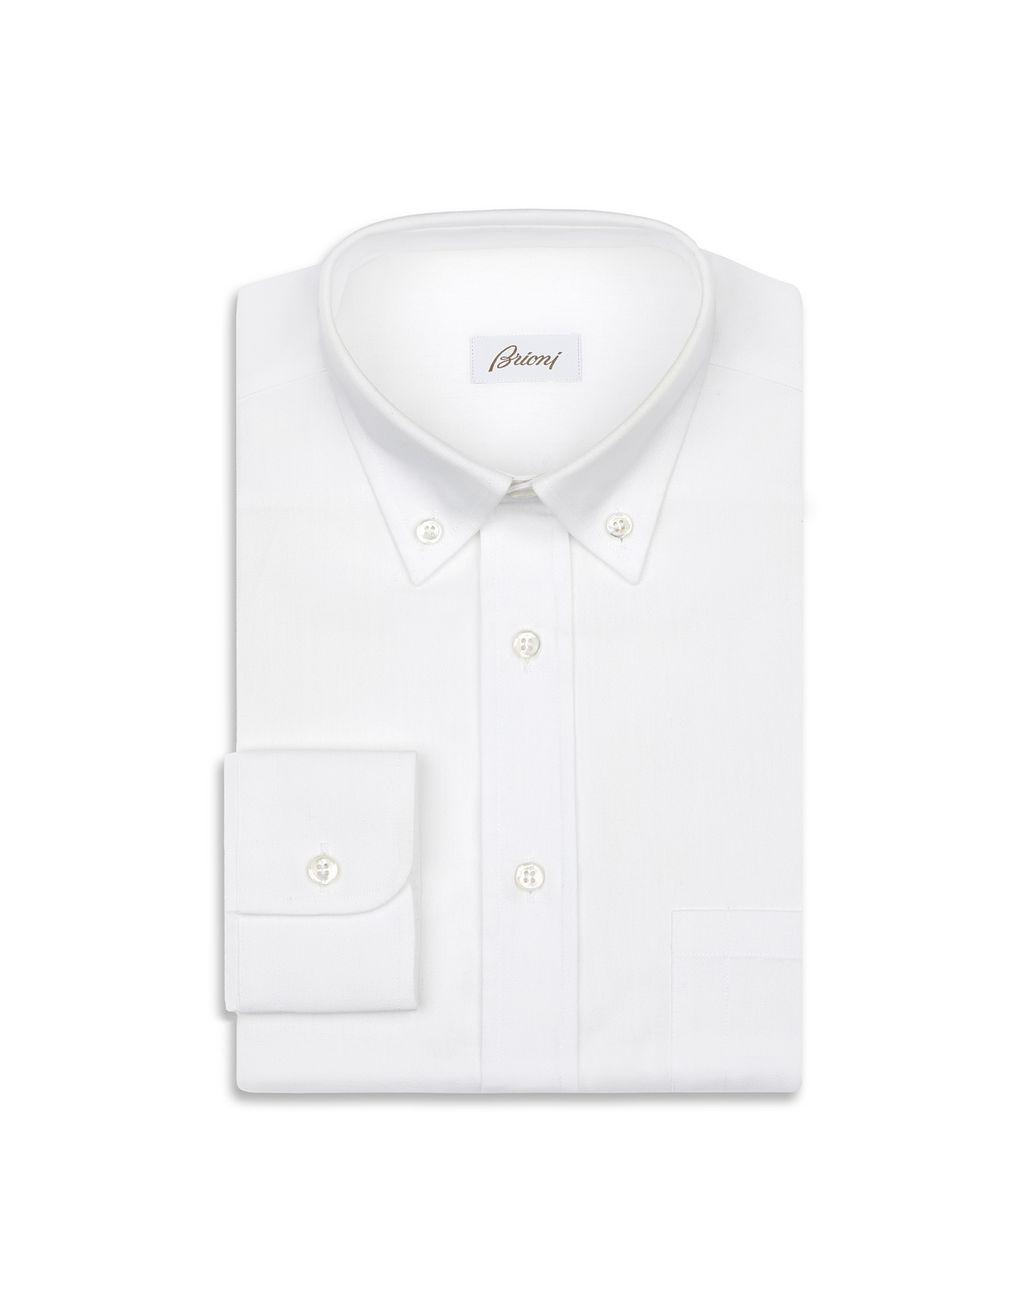 BRIONI 白色衬衫 休闲衬衫 男士 f